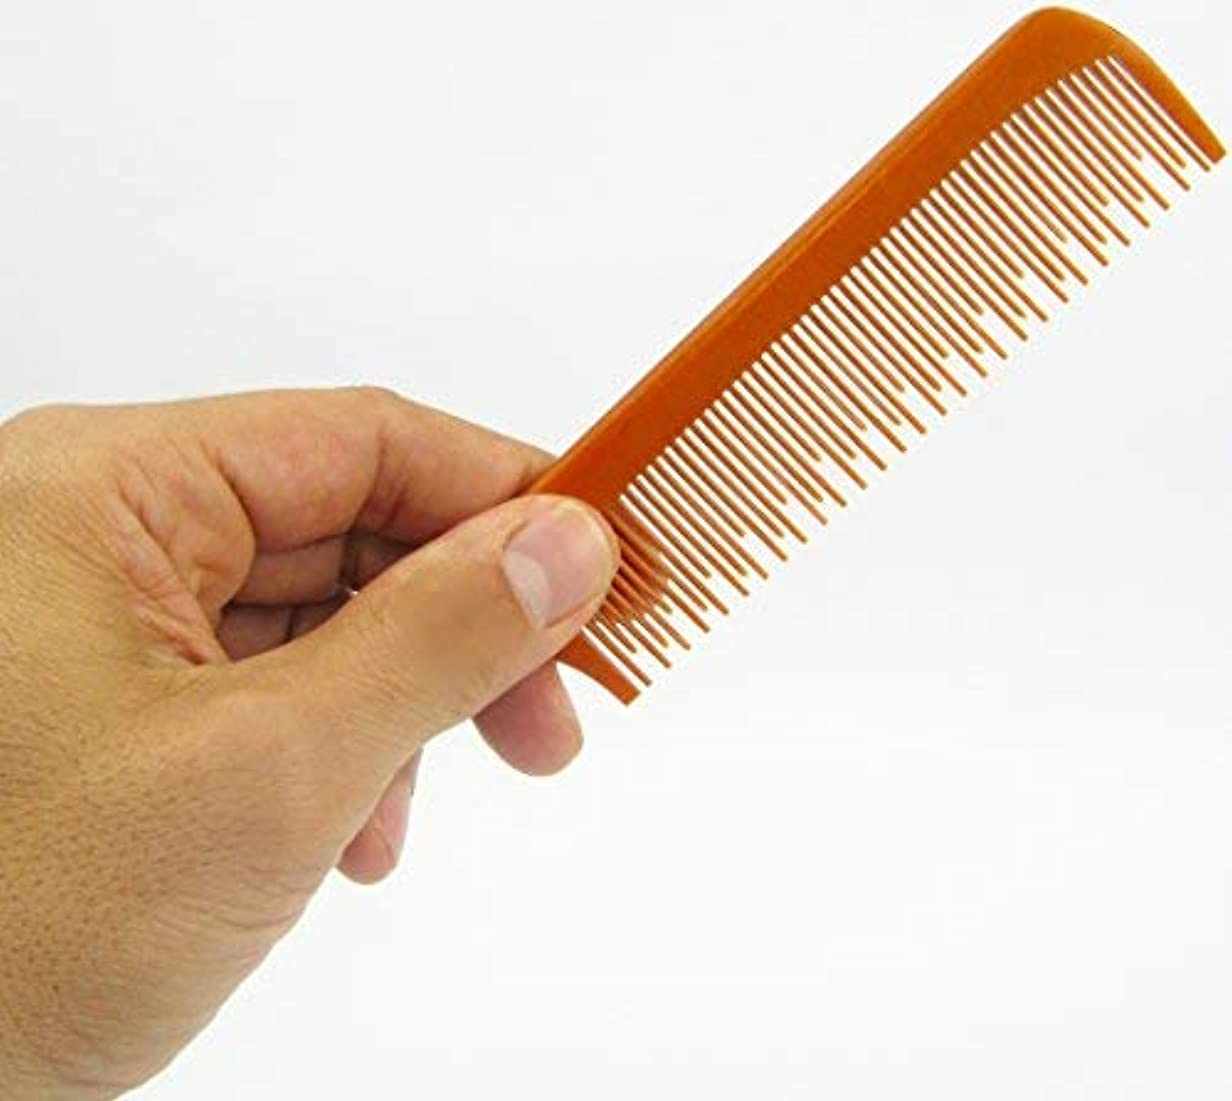 敬意を表して思いやりのある必要としているTeasing hairstyling Comb with Tail -Celebrity favorite hair secret, styling tool, no static. no frizz, heat resistant...